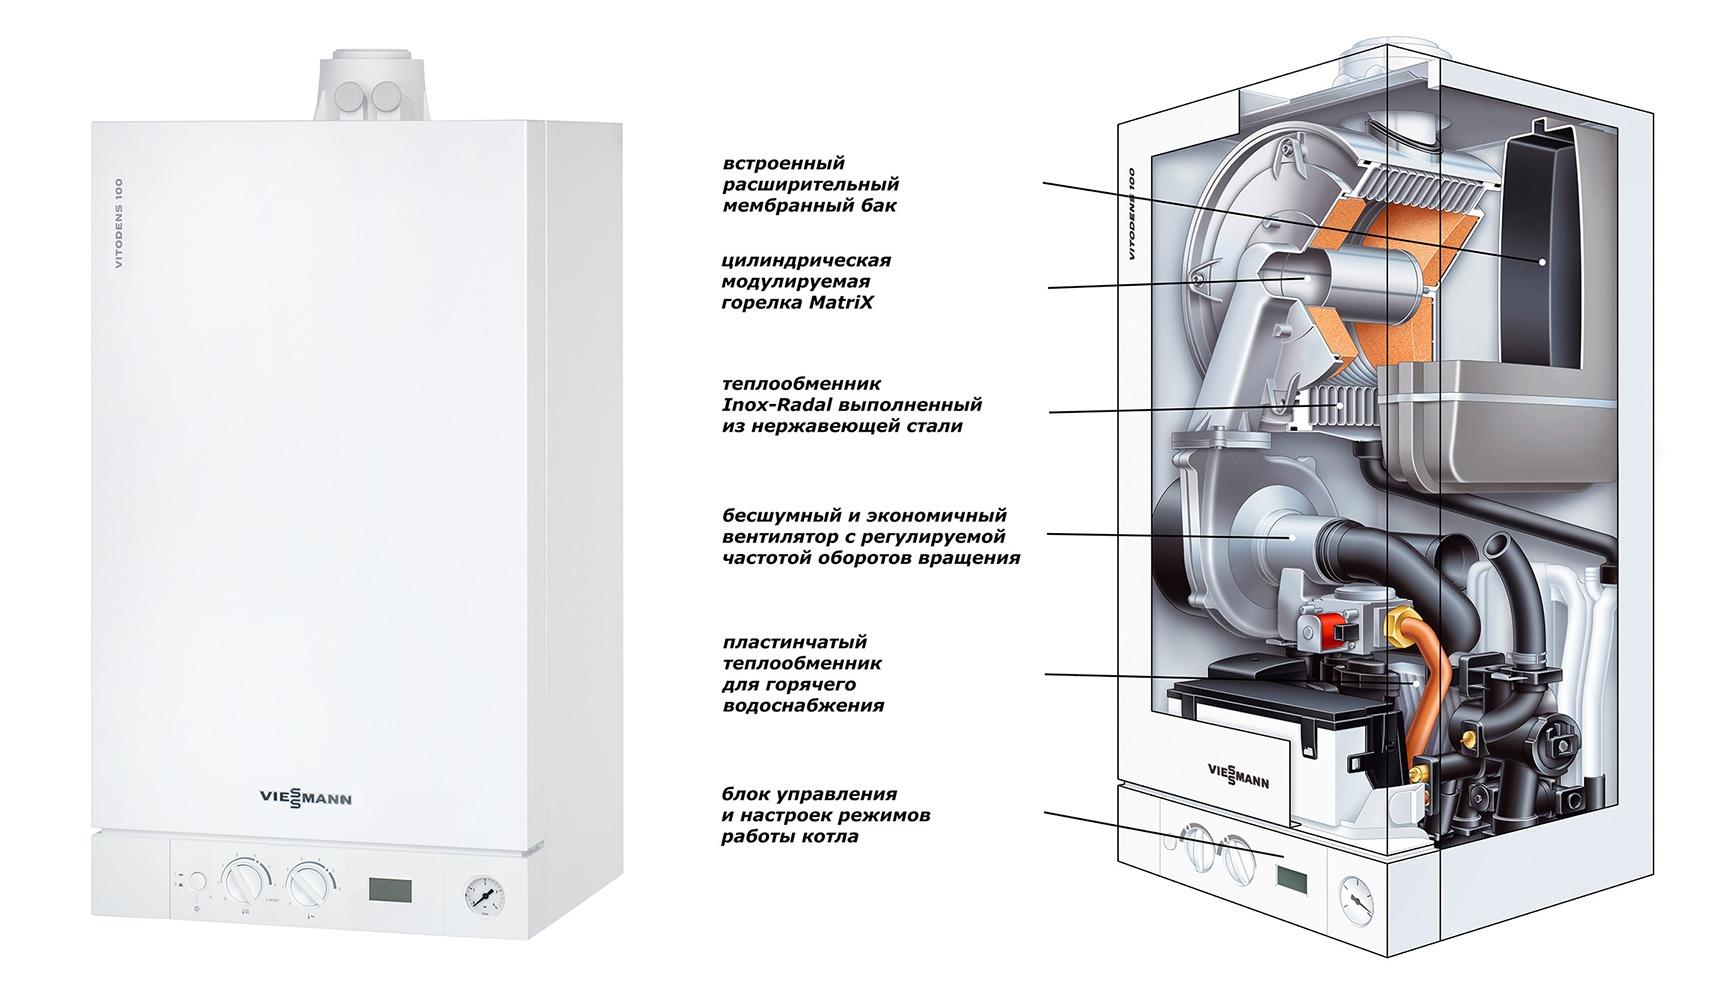 Напольные газ котлы со стальным нержавеющим теплообменником марки фирмы Кожухотрубный конденсатор Alfa Laval McDEW 370 T Ижевск